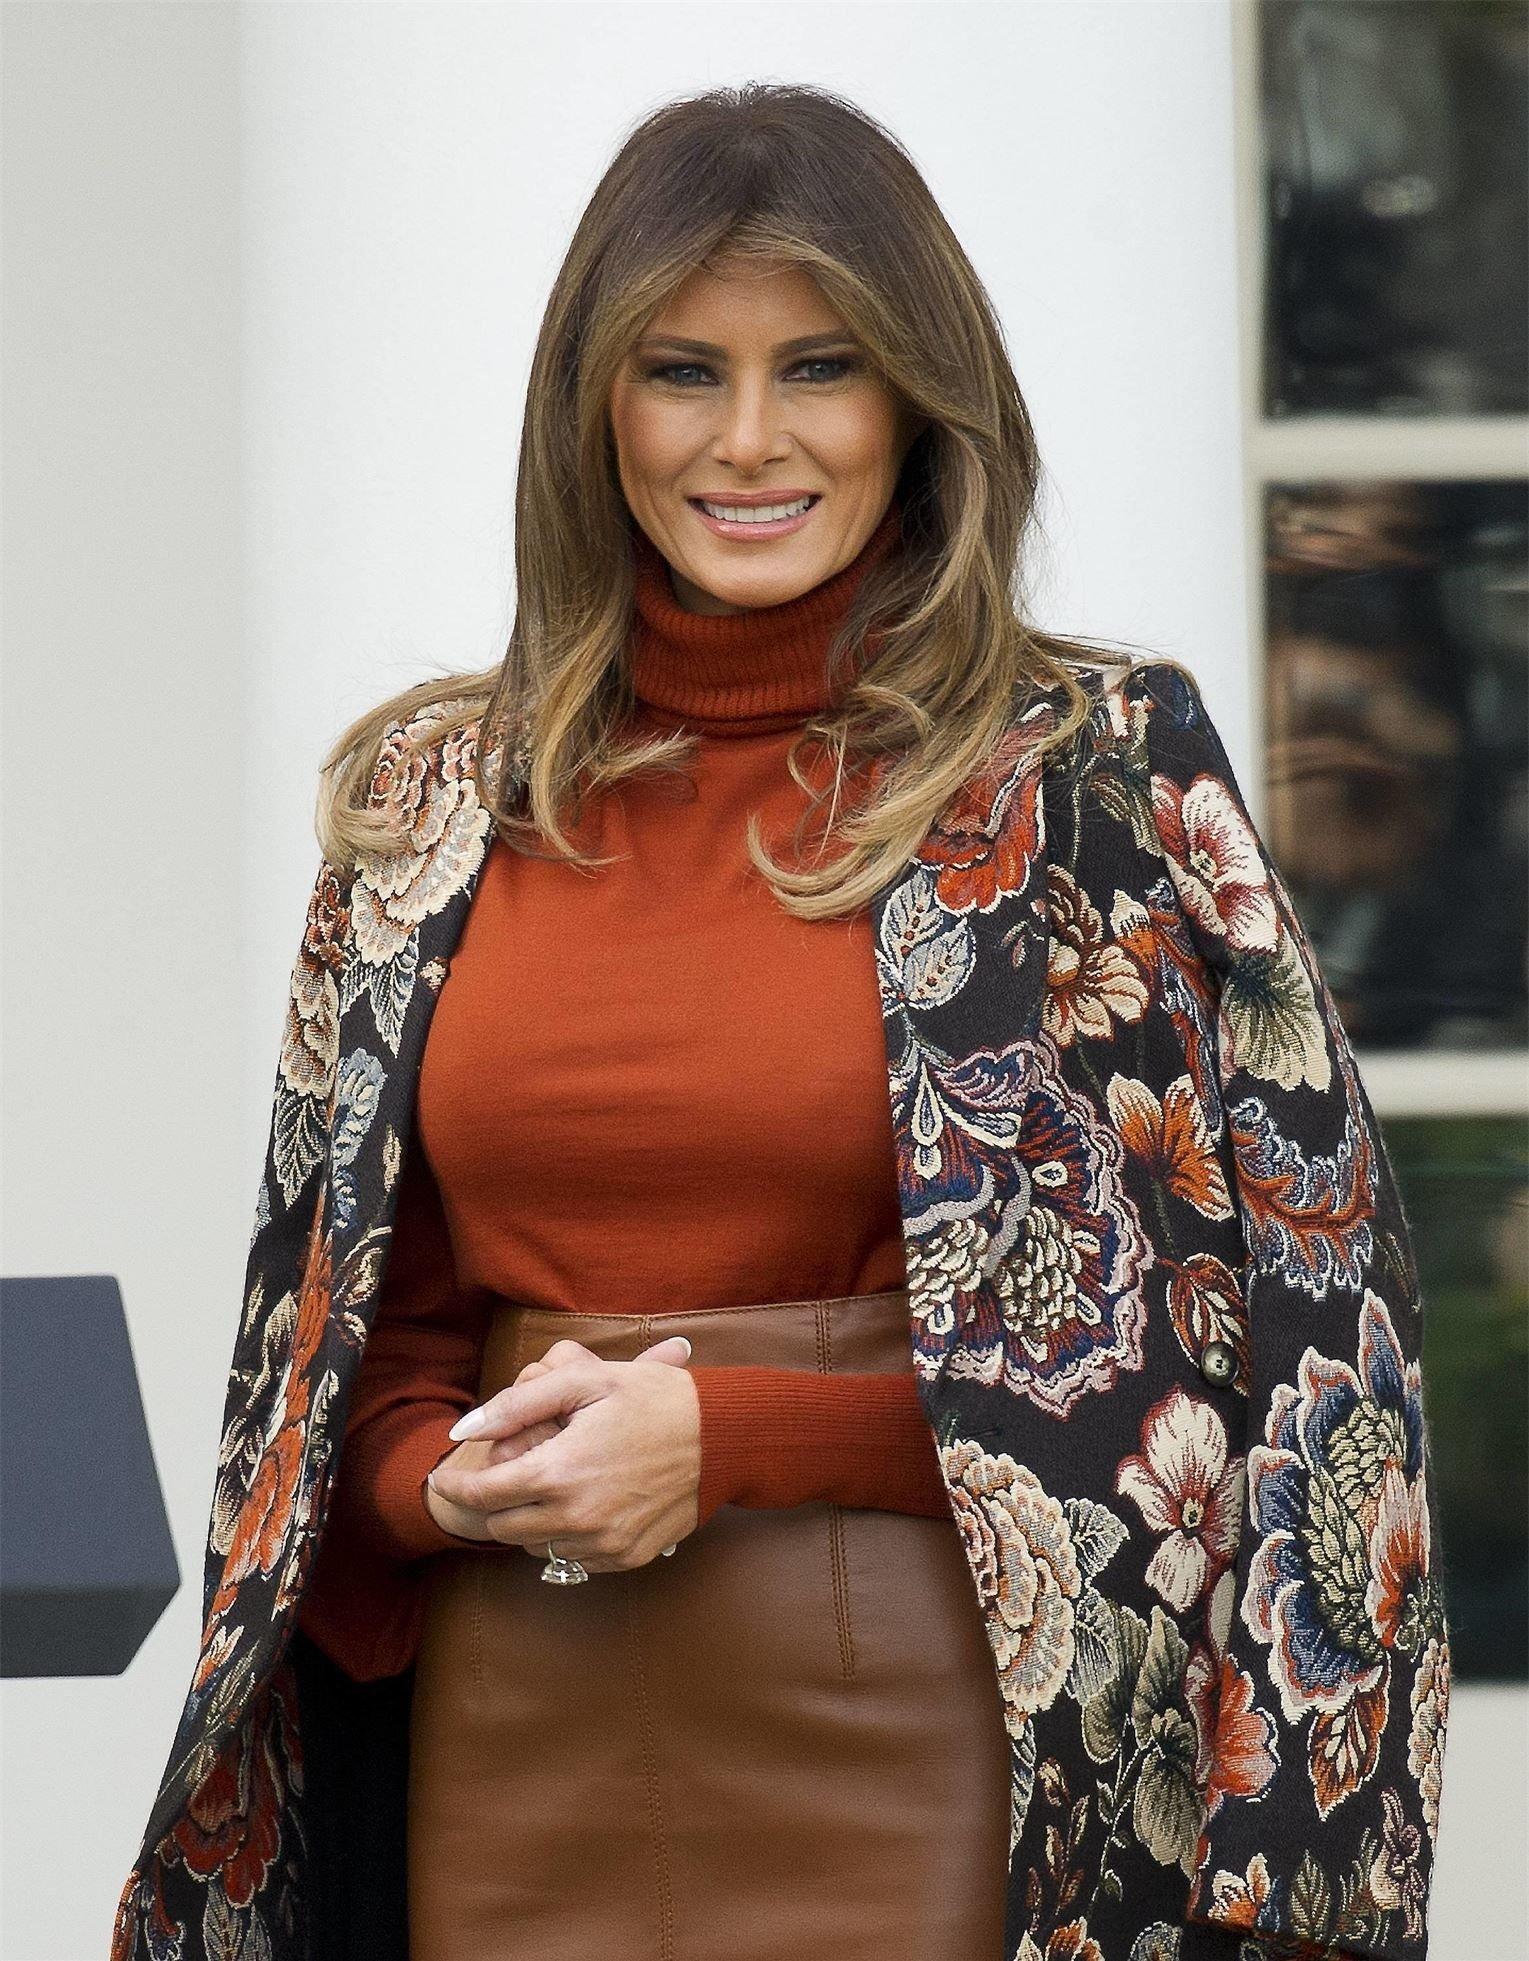 эти лучшее фото мелании трамп делигиоз любительница